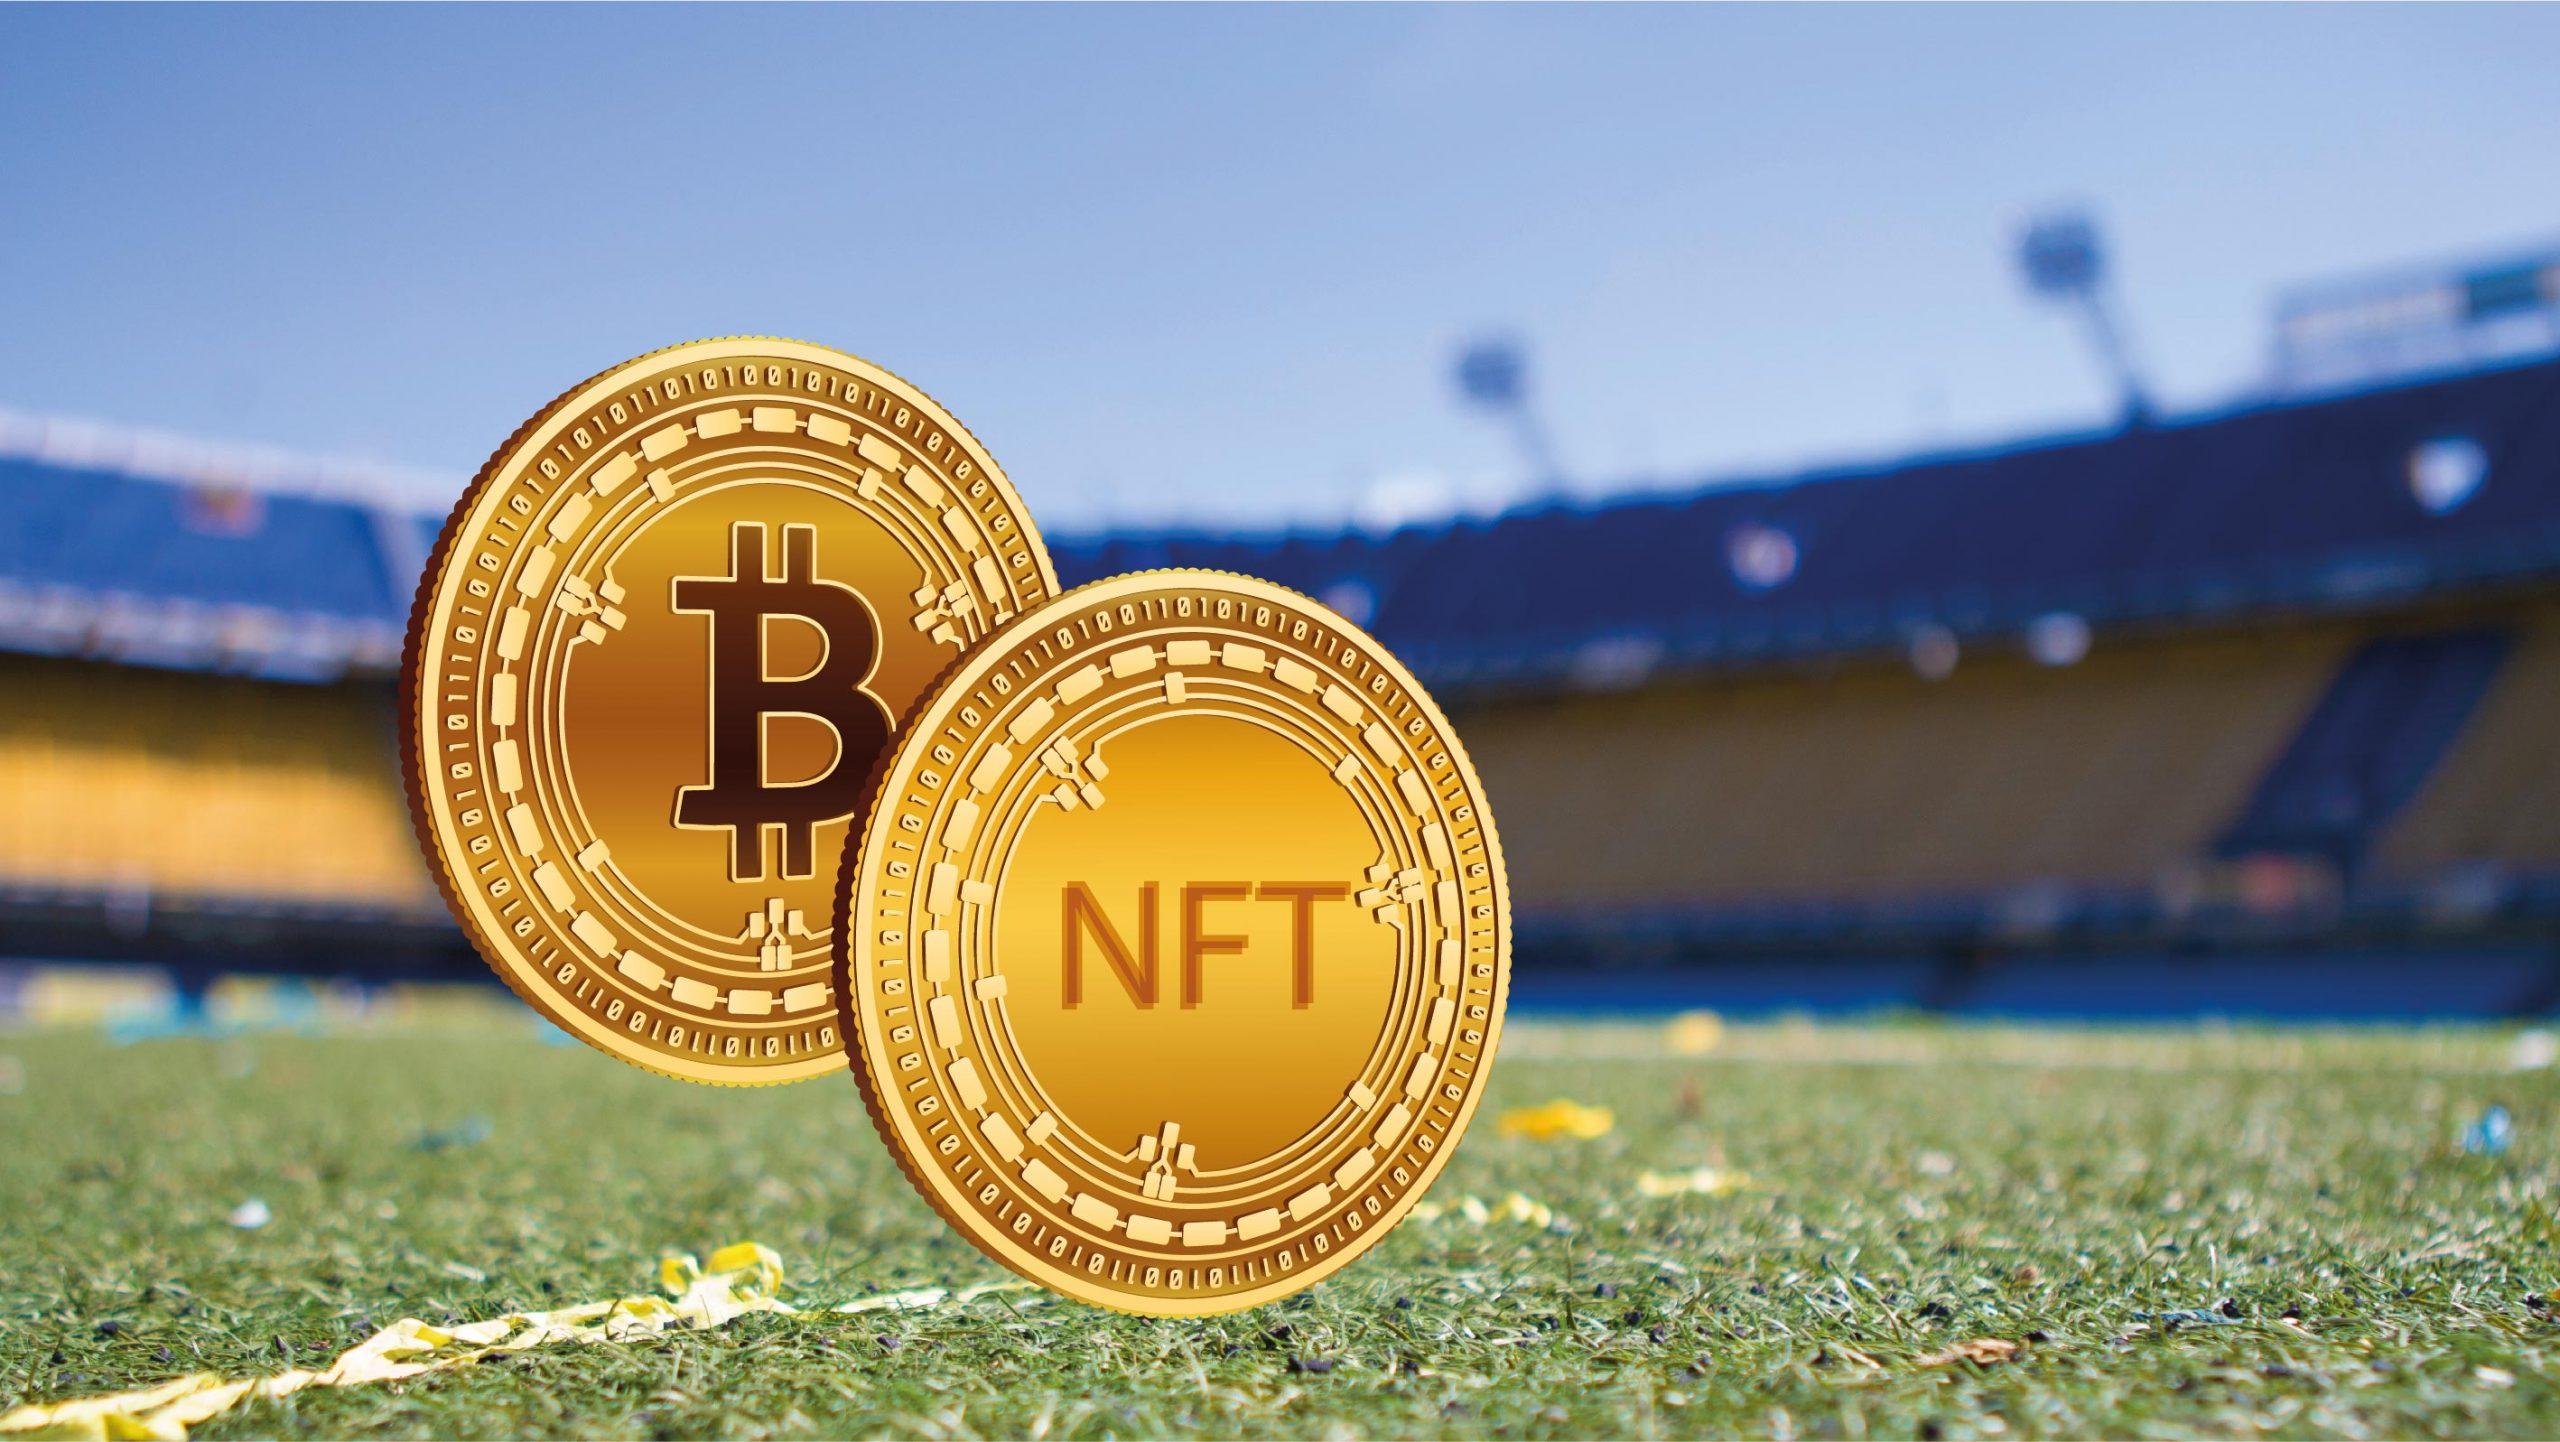 ¿Por qué son valiosos bitcoin y los NFT? Vicepresidente de Boca Juniors dio su respuesta